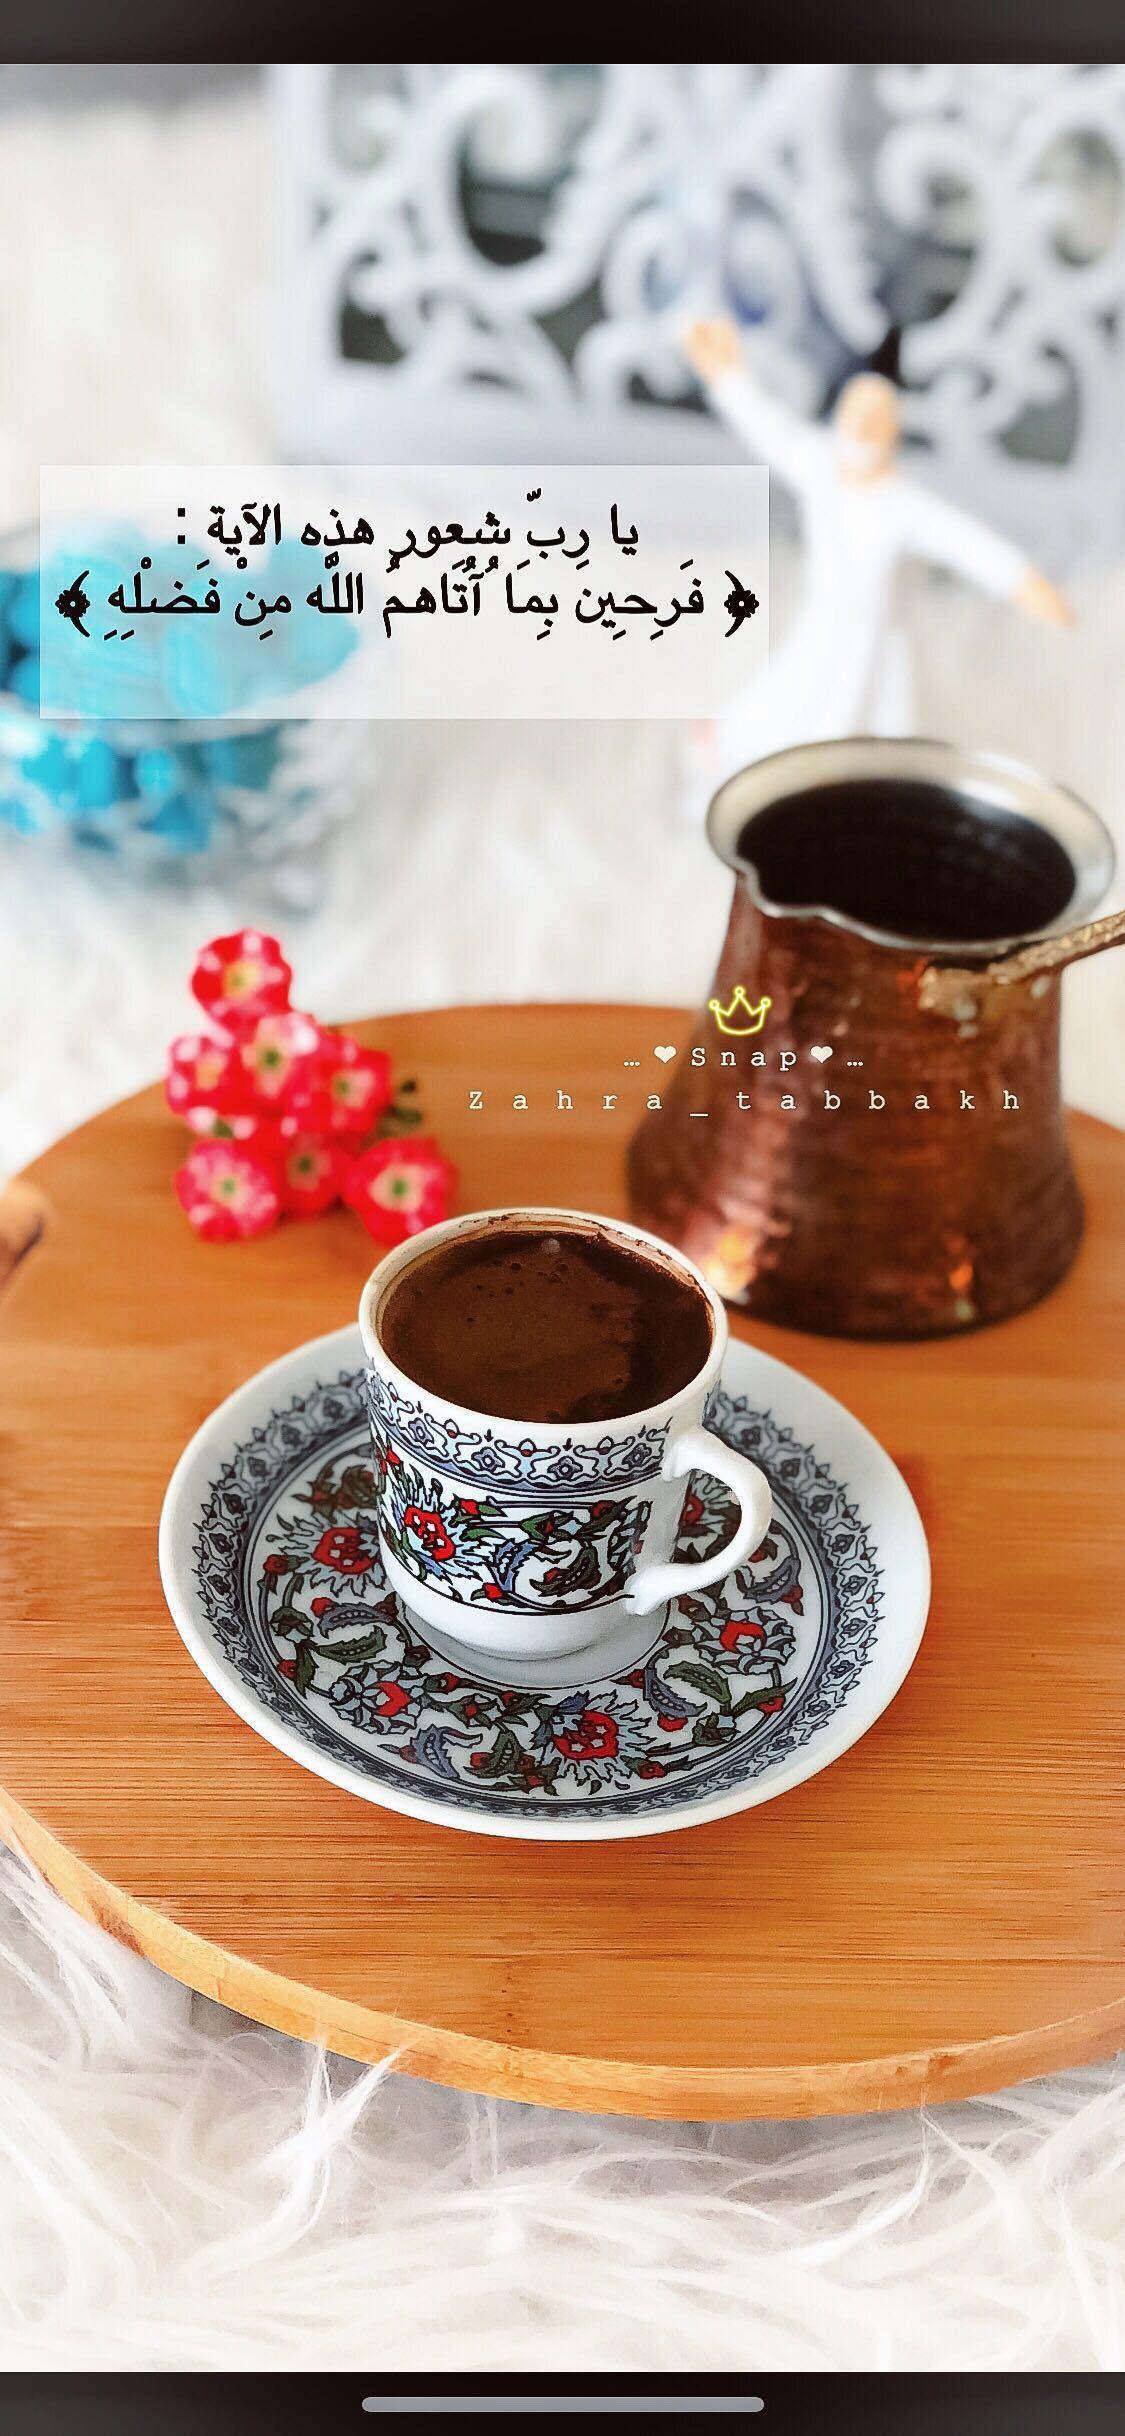 قهوتي قهوة صباحالخير صباحالورد سنابات اقتباسات بيسيات دعاء جمعةمباركة جمعة صباحات صباح سنابي سناب صور Coffee Cups Diy My Coffee Coffee Time